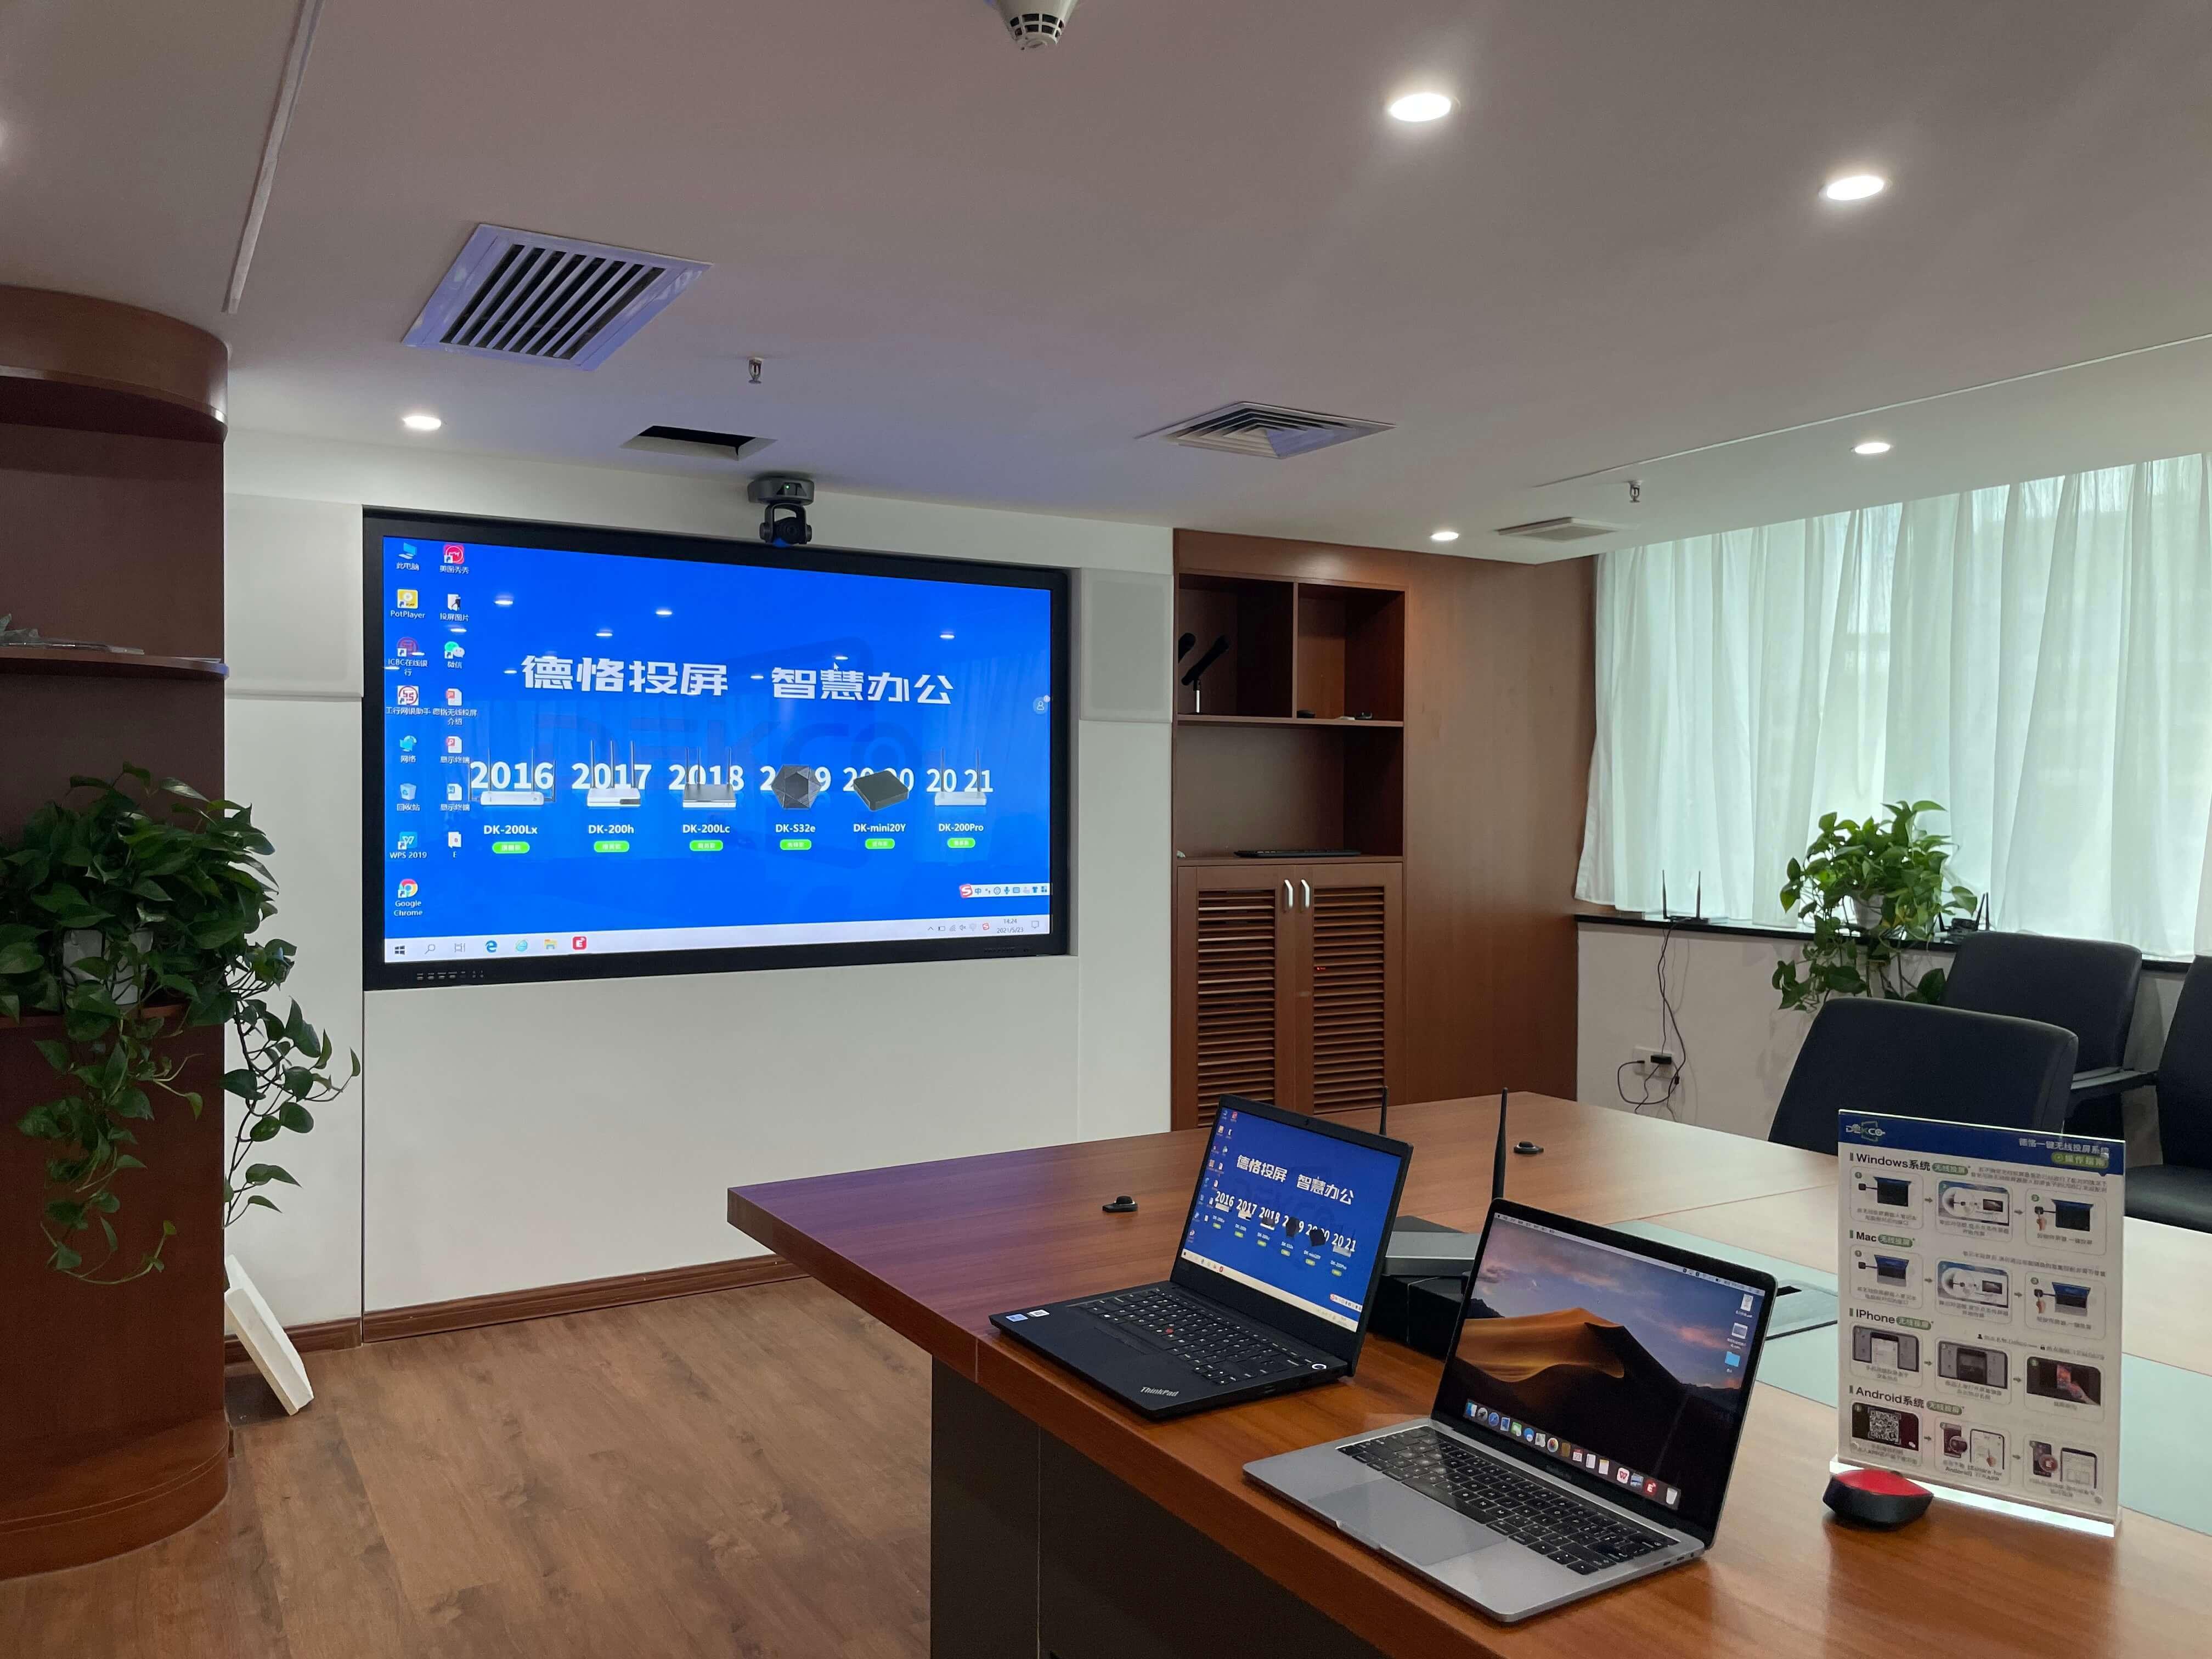 笔记本电脑信号投屏到电视或投影机上显示,简单好用的办法!